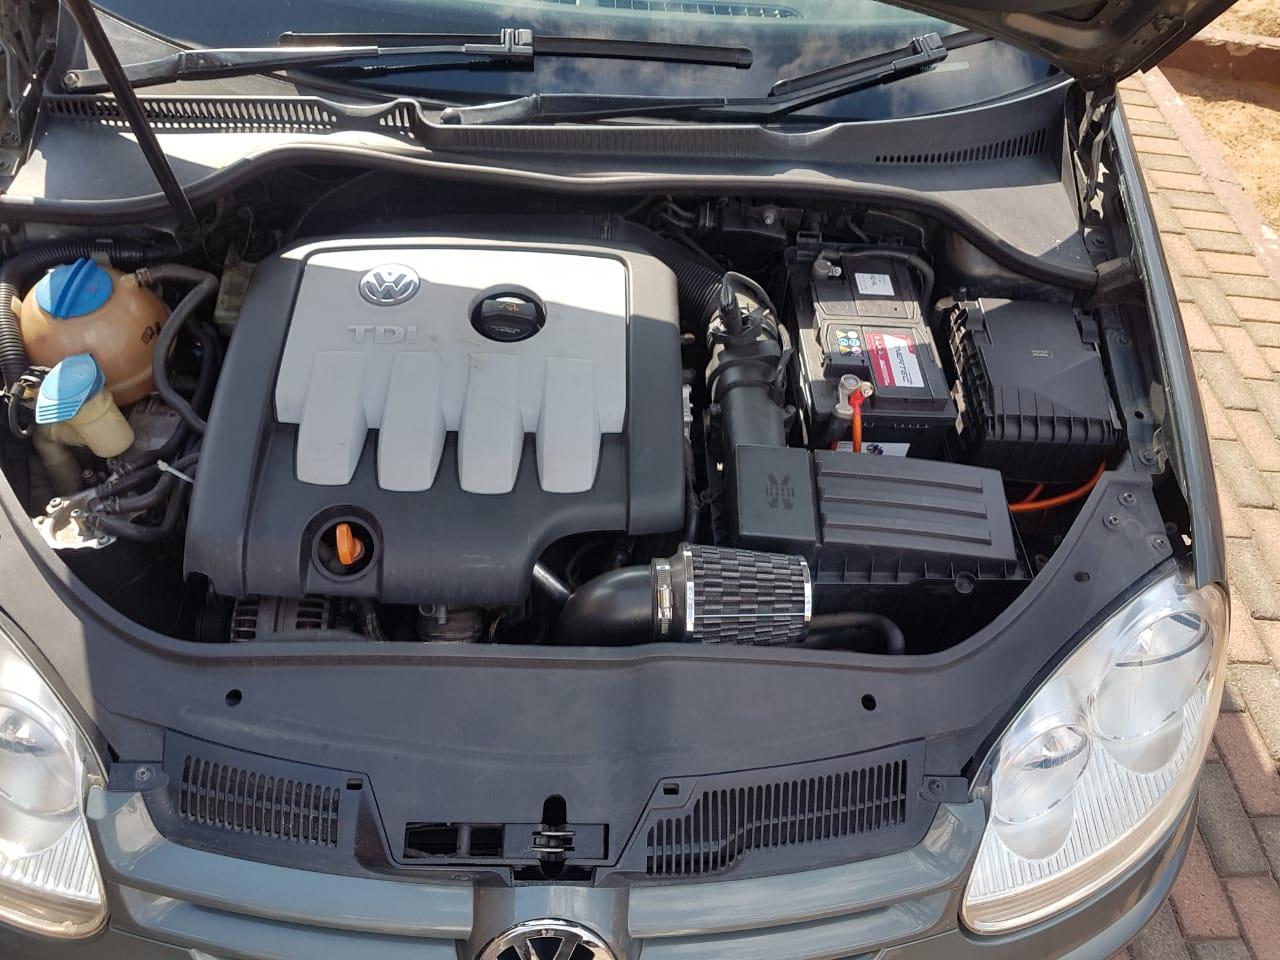 2005 VW Golf 2.0TDI Sportline